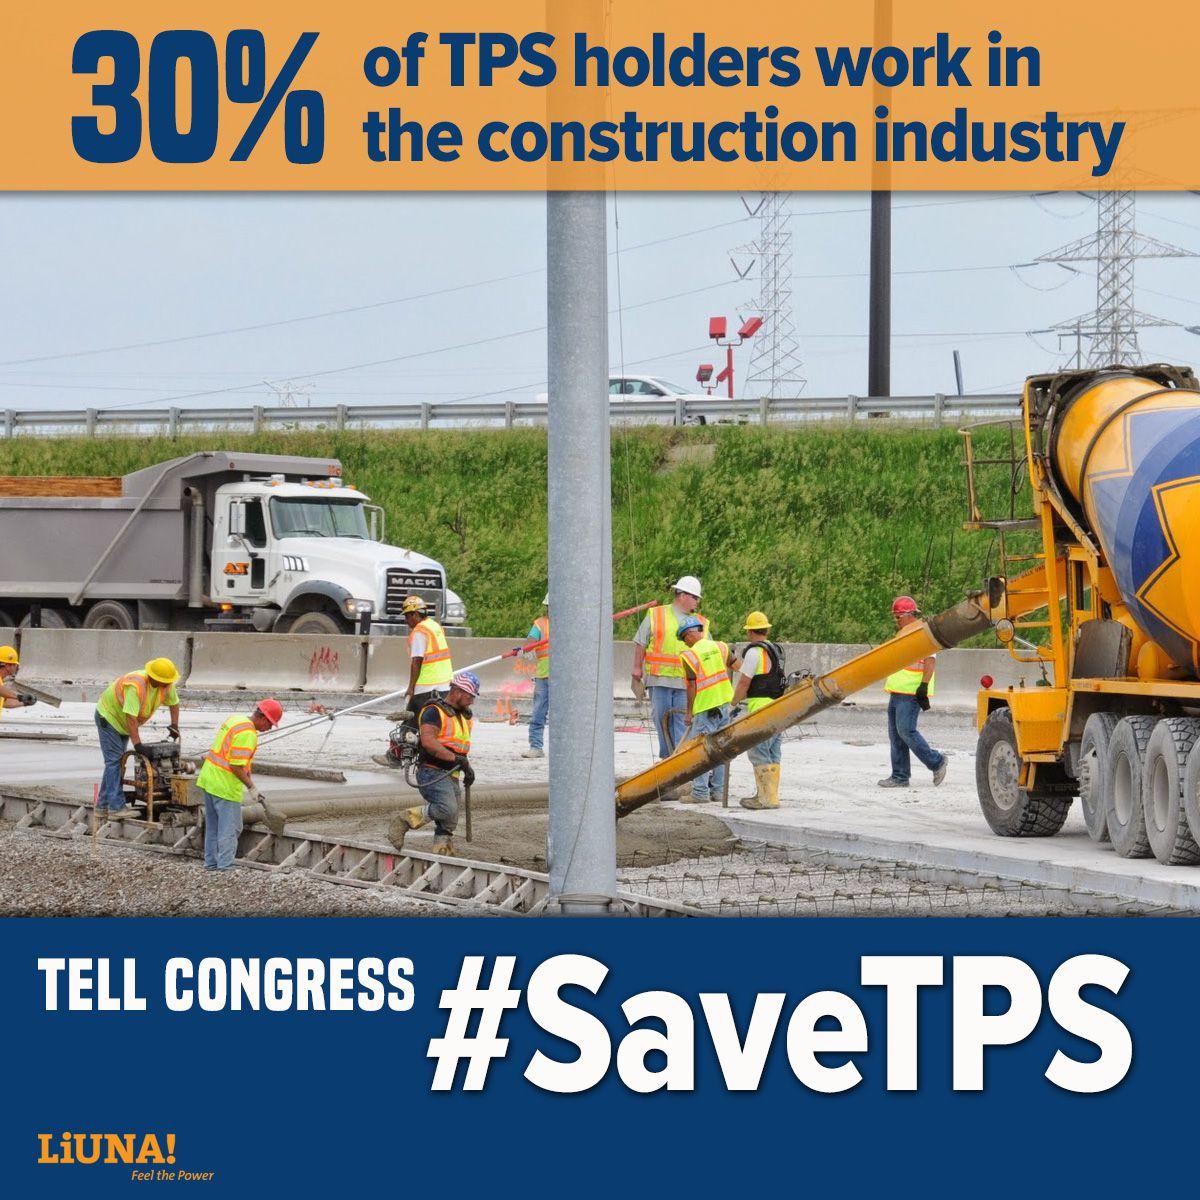 TPS4.jpg